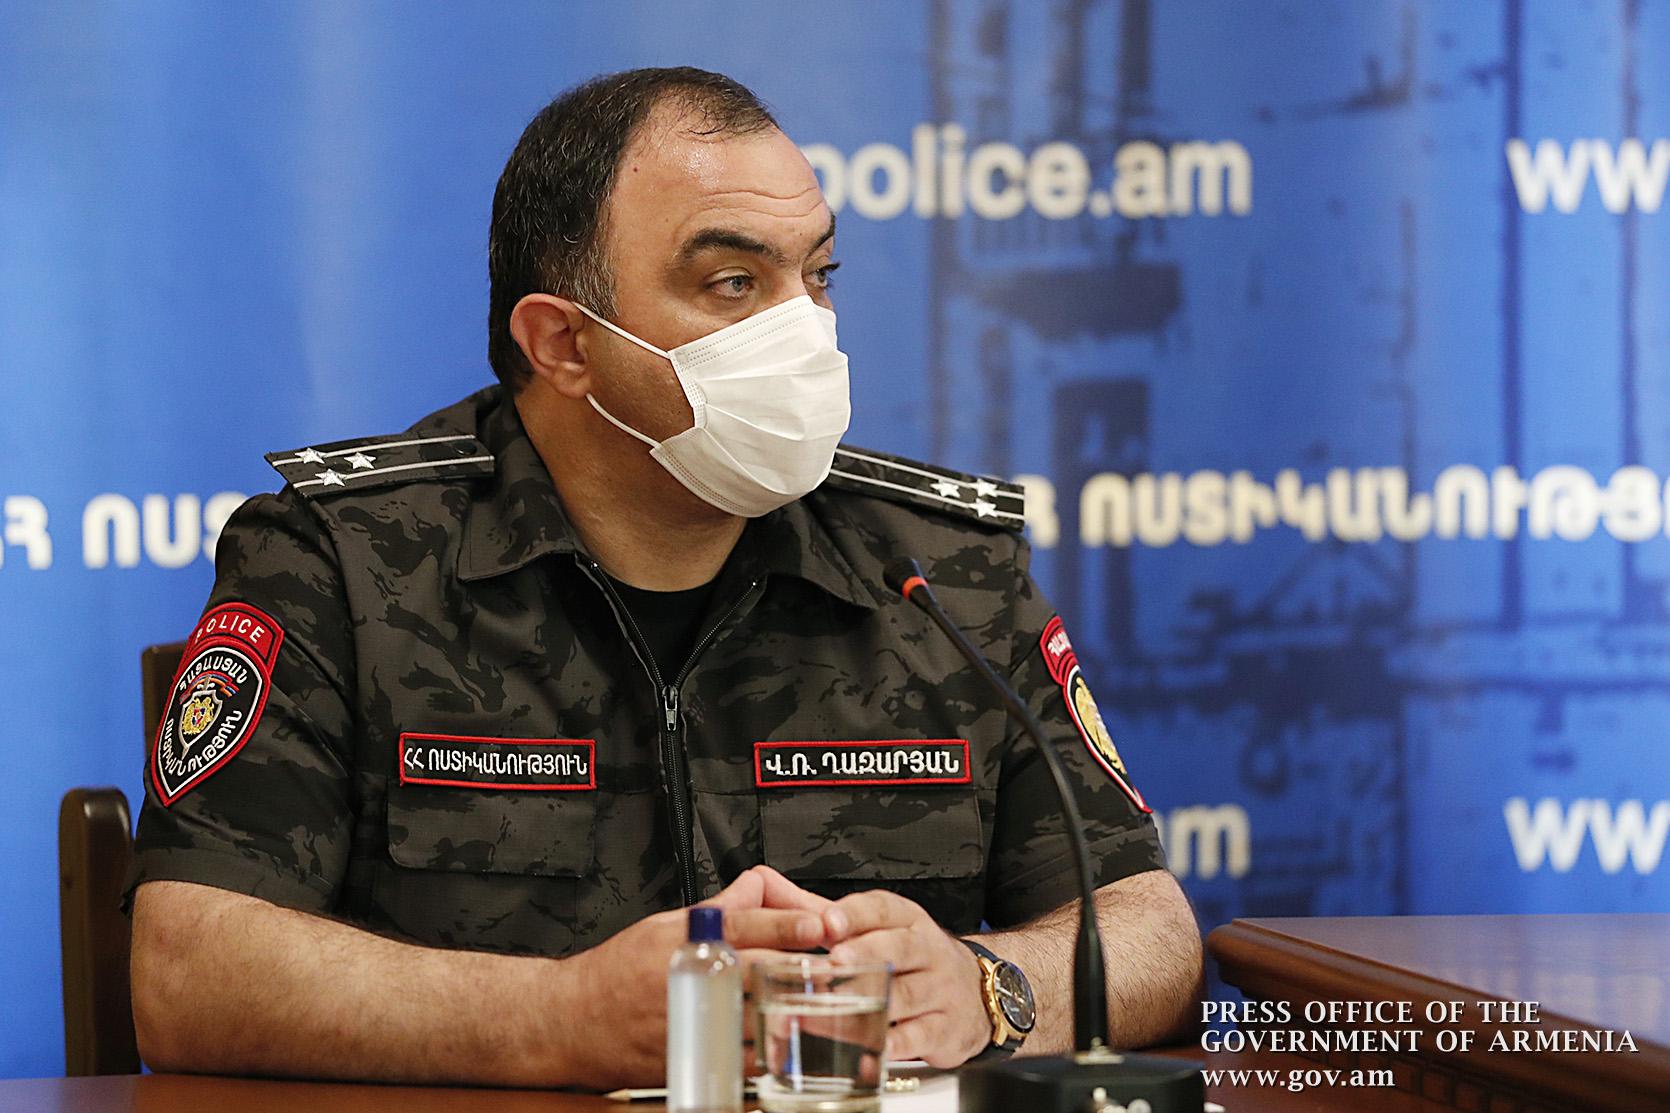 Photo of Ոստիկանապետը նախագիծ է ներկայացրել, որով առաջարկվում է ճանապարհային 3 նոր նշան ավելացնել ՀՀ-ում